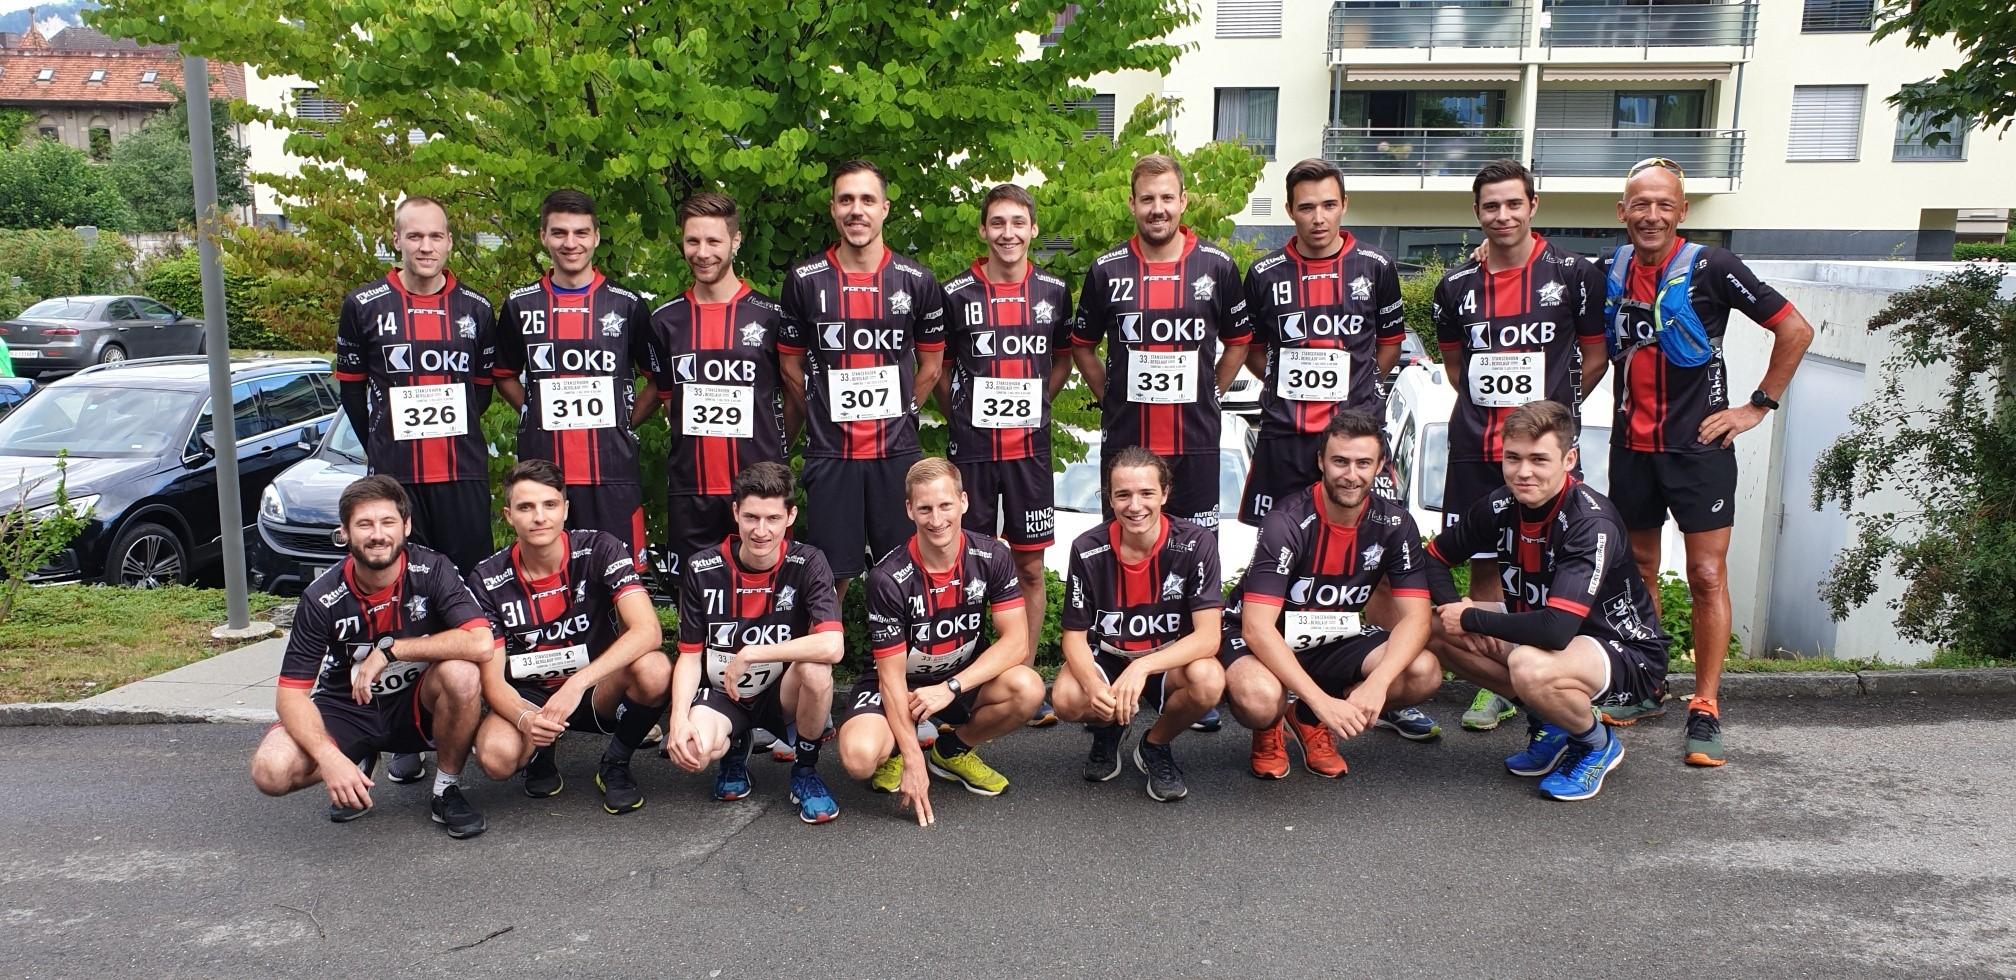 Stanserhornlauf mit der 1. Mannschaft von Ad Astra Sarnen.